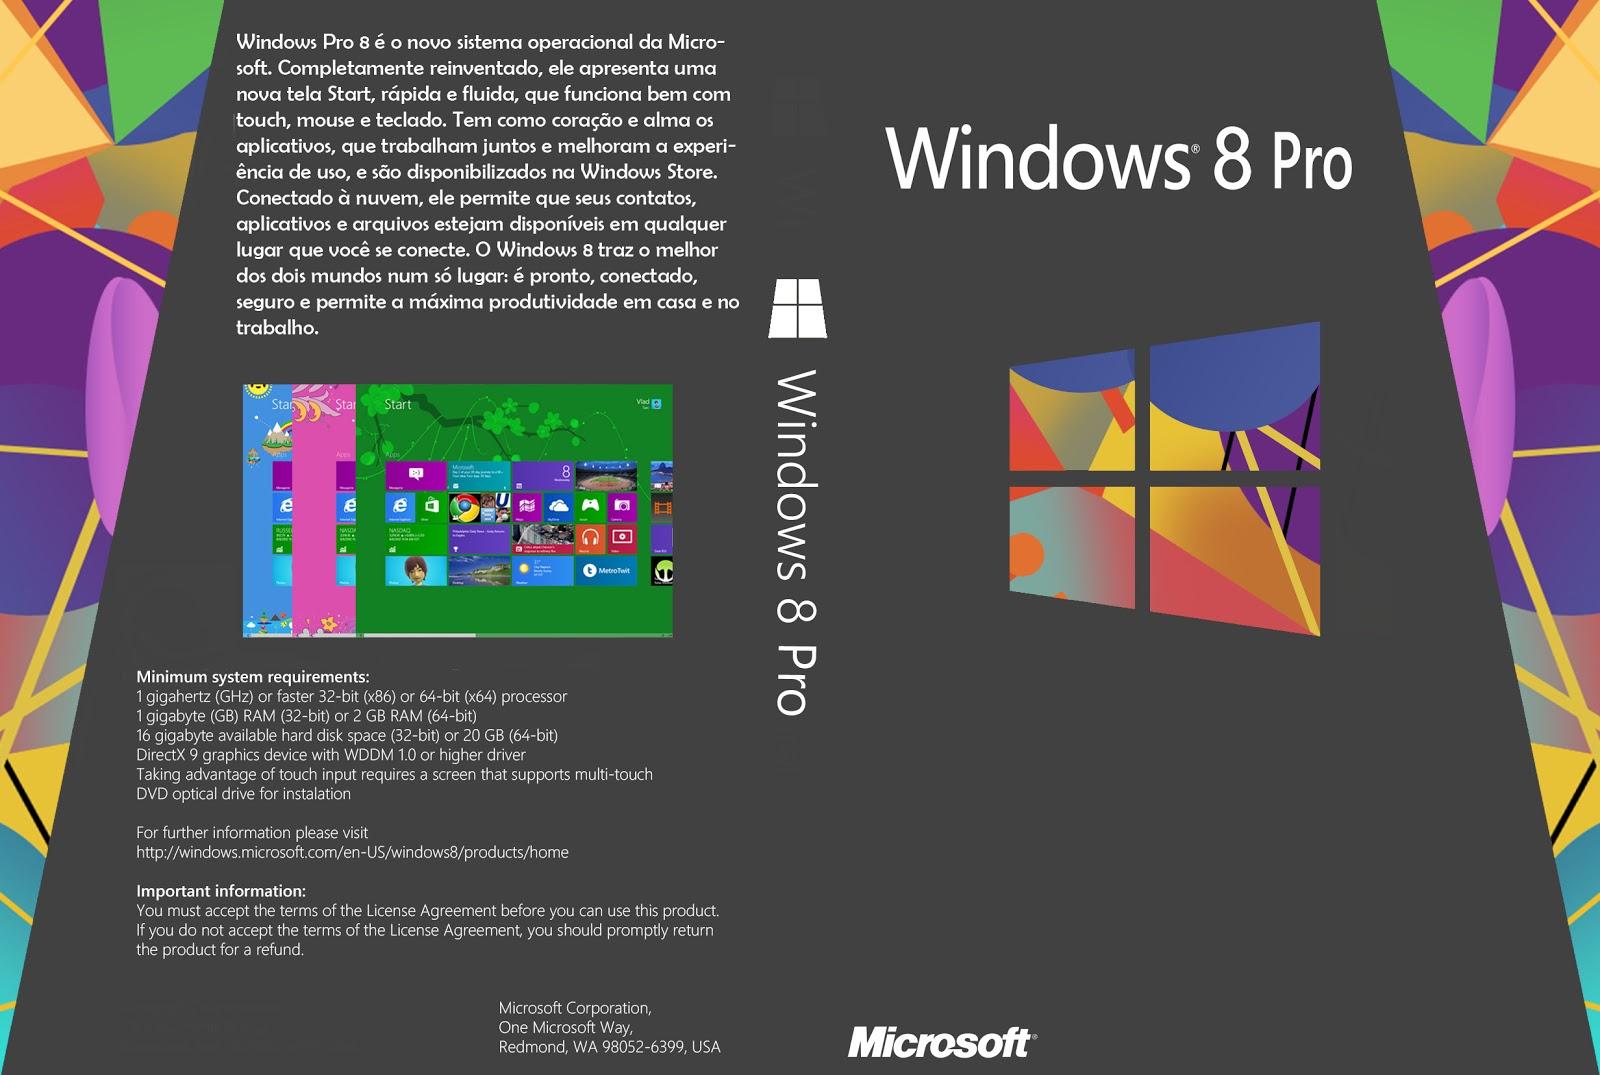 baixar windows 8.1 32 bits portugues completo torrent